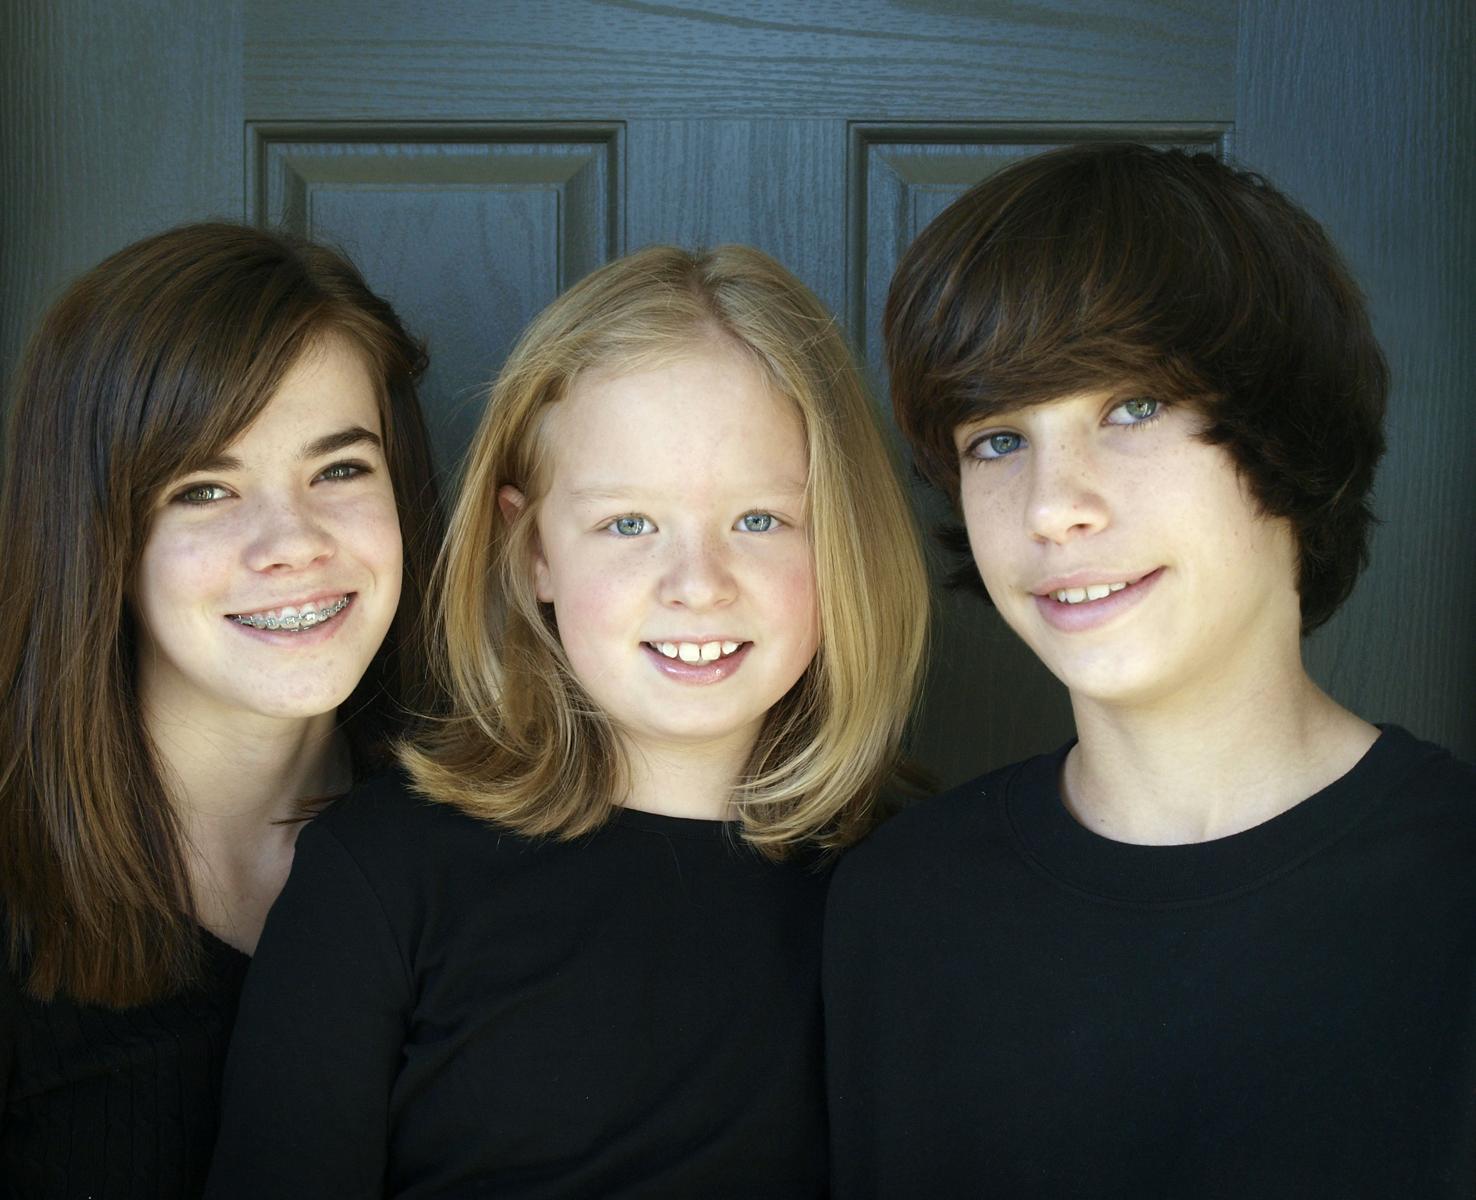 Siblings16